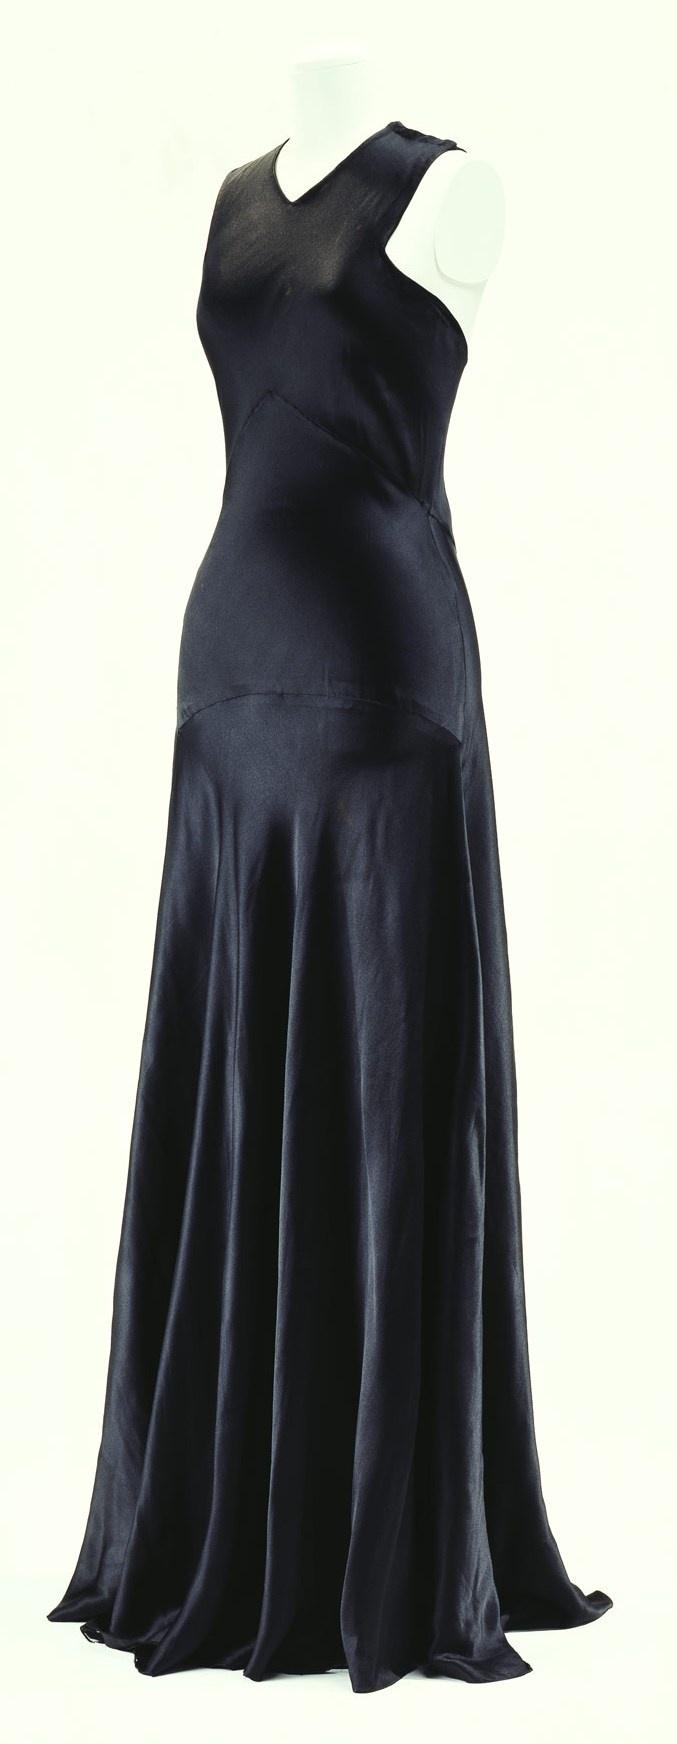 Madeleine Vionnet Bias-Cut Silk Satin Evening Dress, 1932